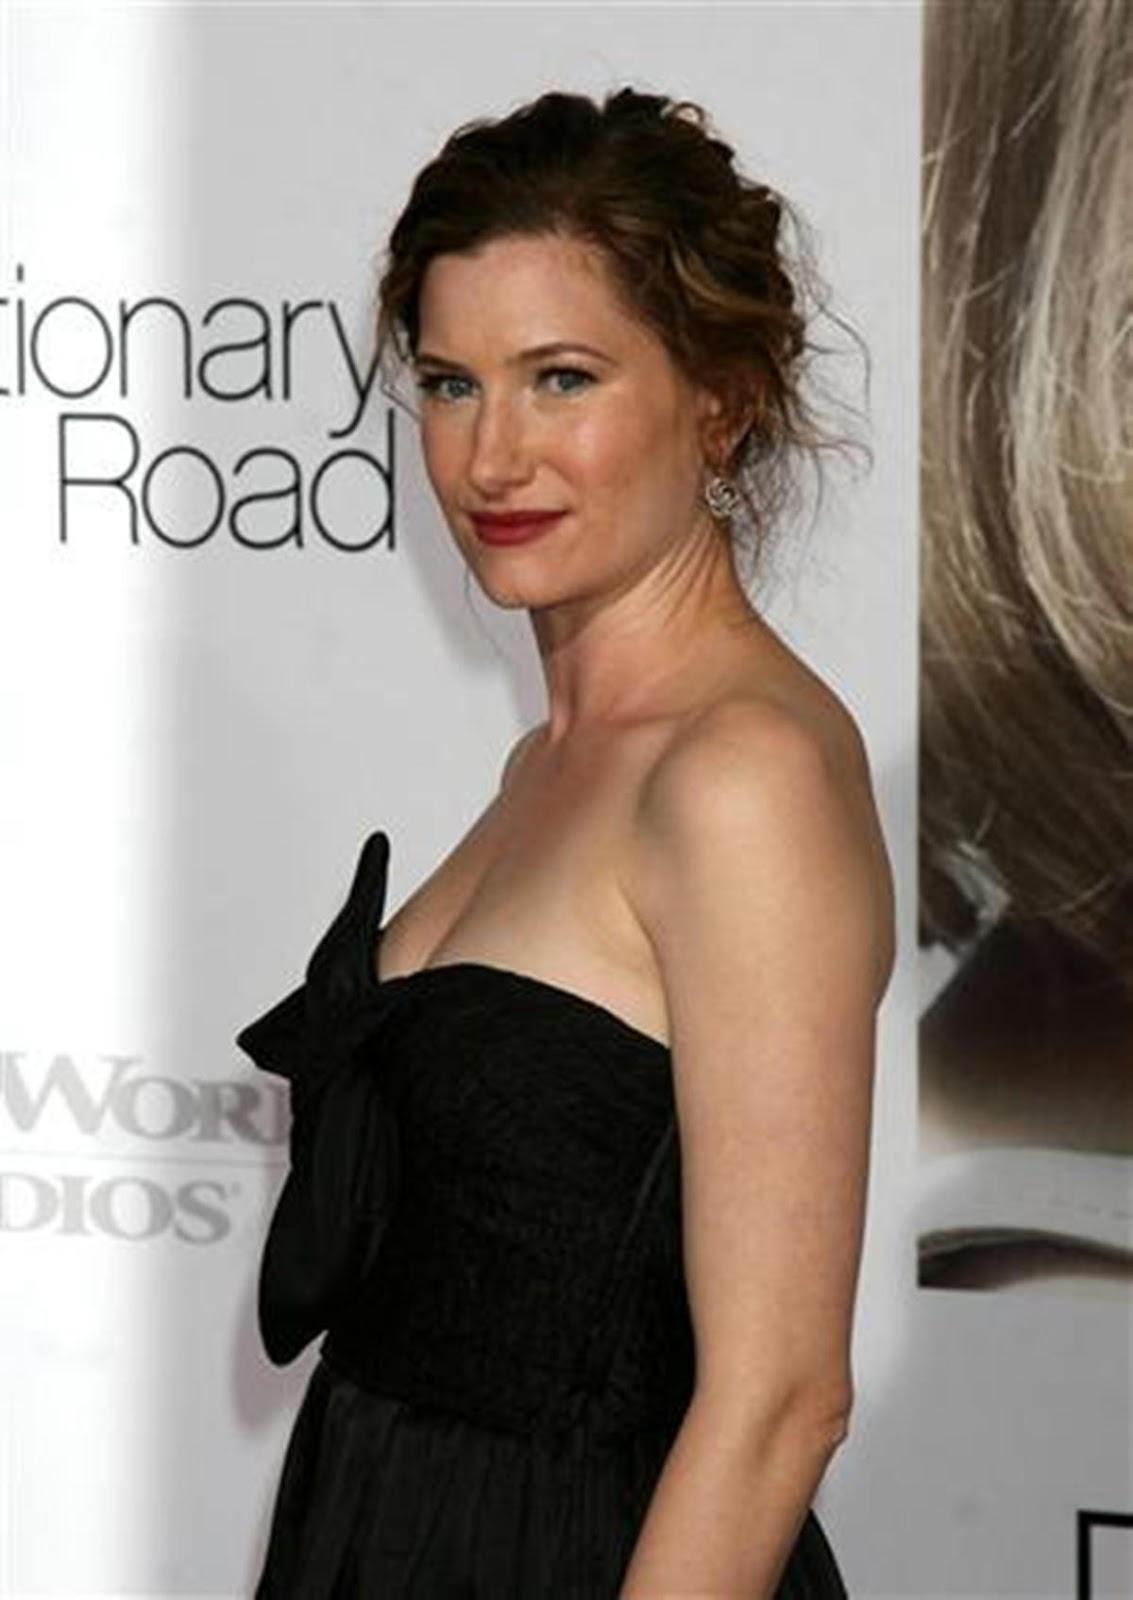 Abbie cornish andrea riseborough in we 2012 - 1 6